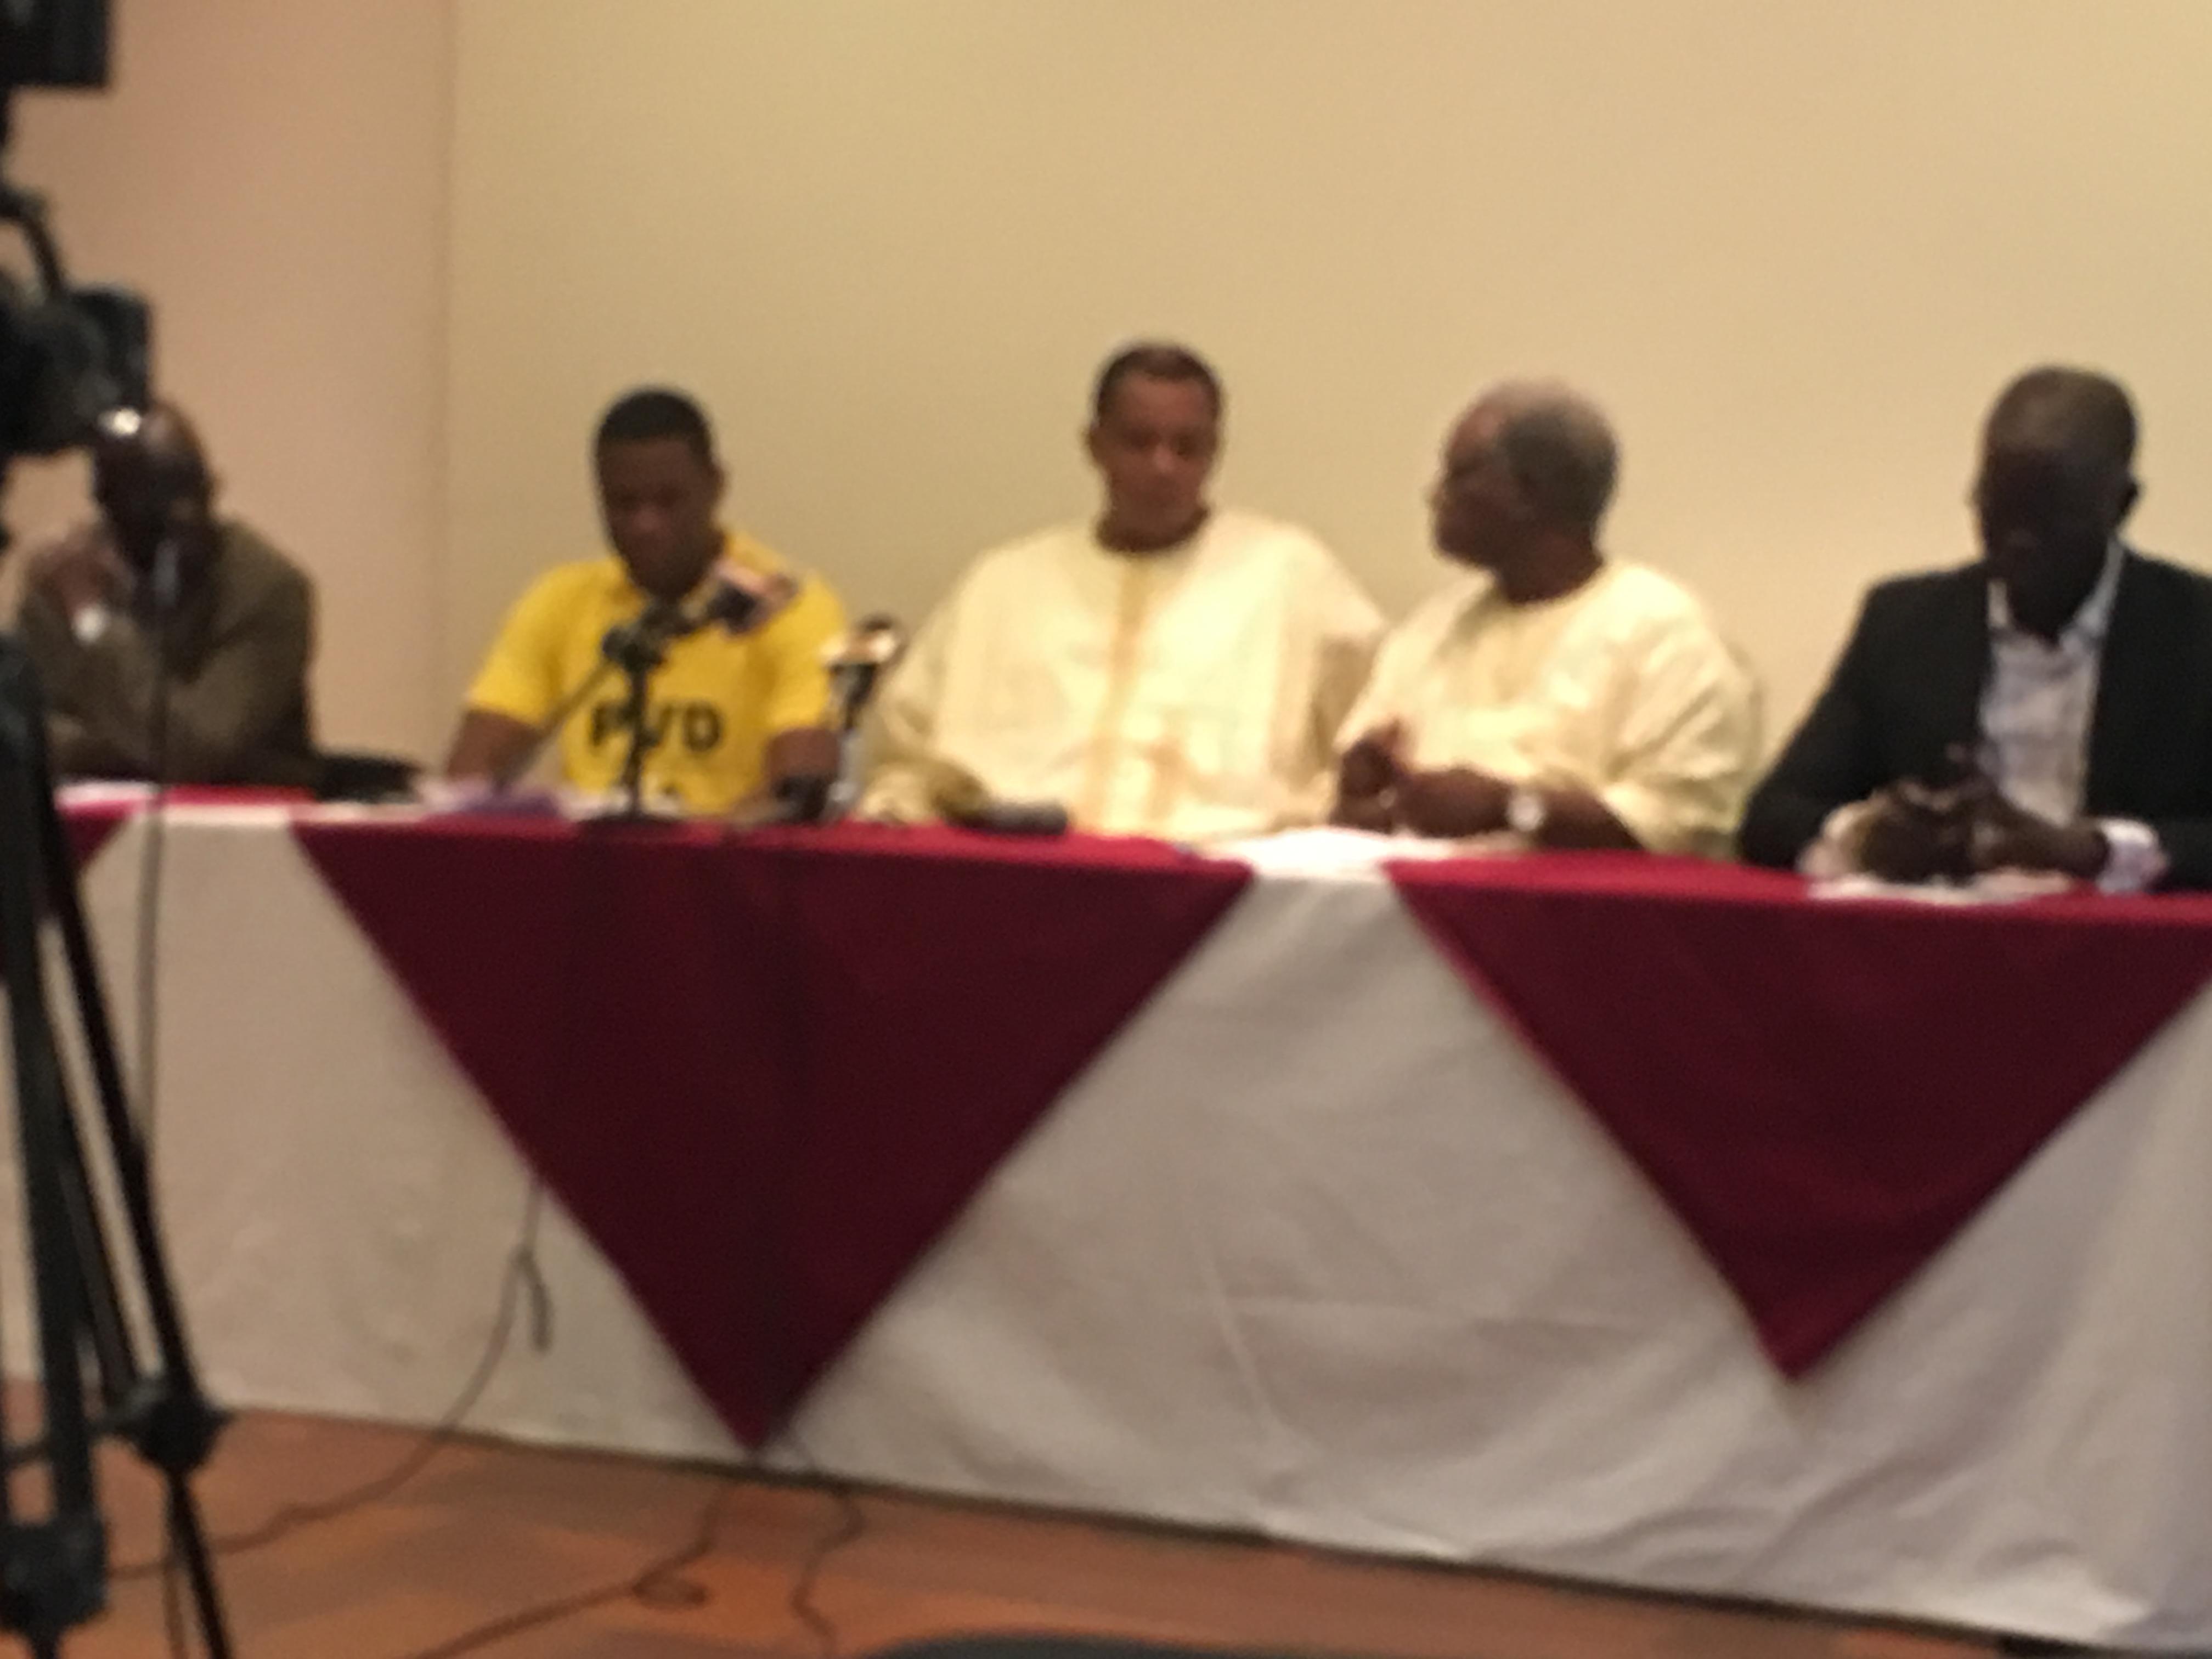 Le PVD condamne un débat politique inutile au Sénégal et appelle à travailler afin de développer le pays